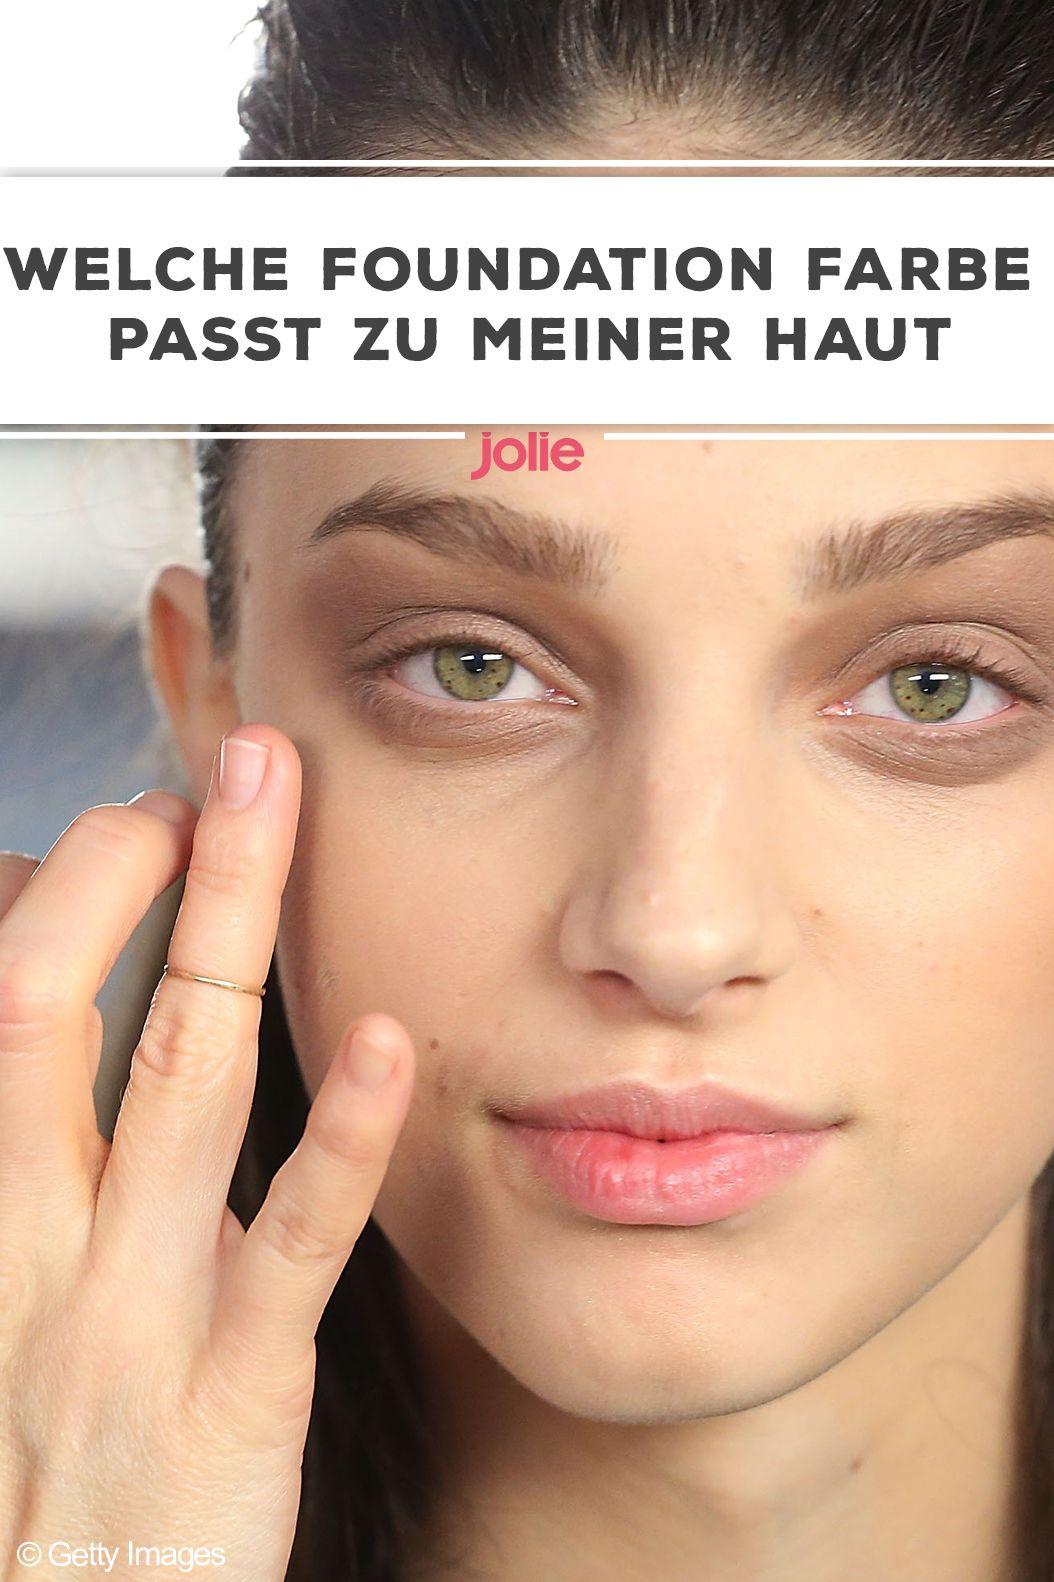 So erkennst du, welcher Foundation-Farbton zu deiner Haut am besten passt!